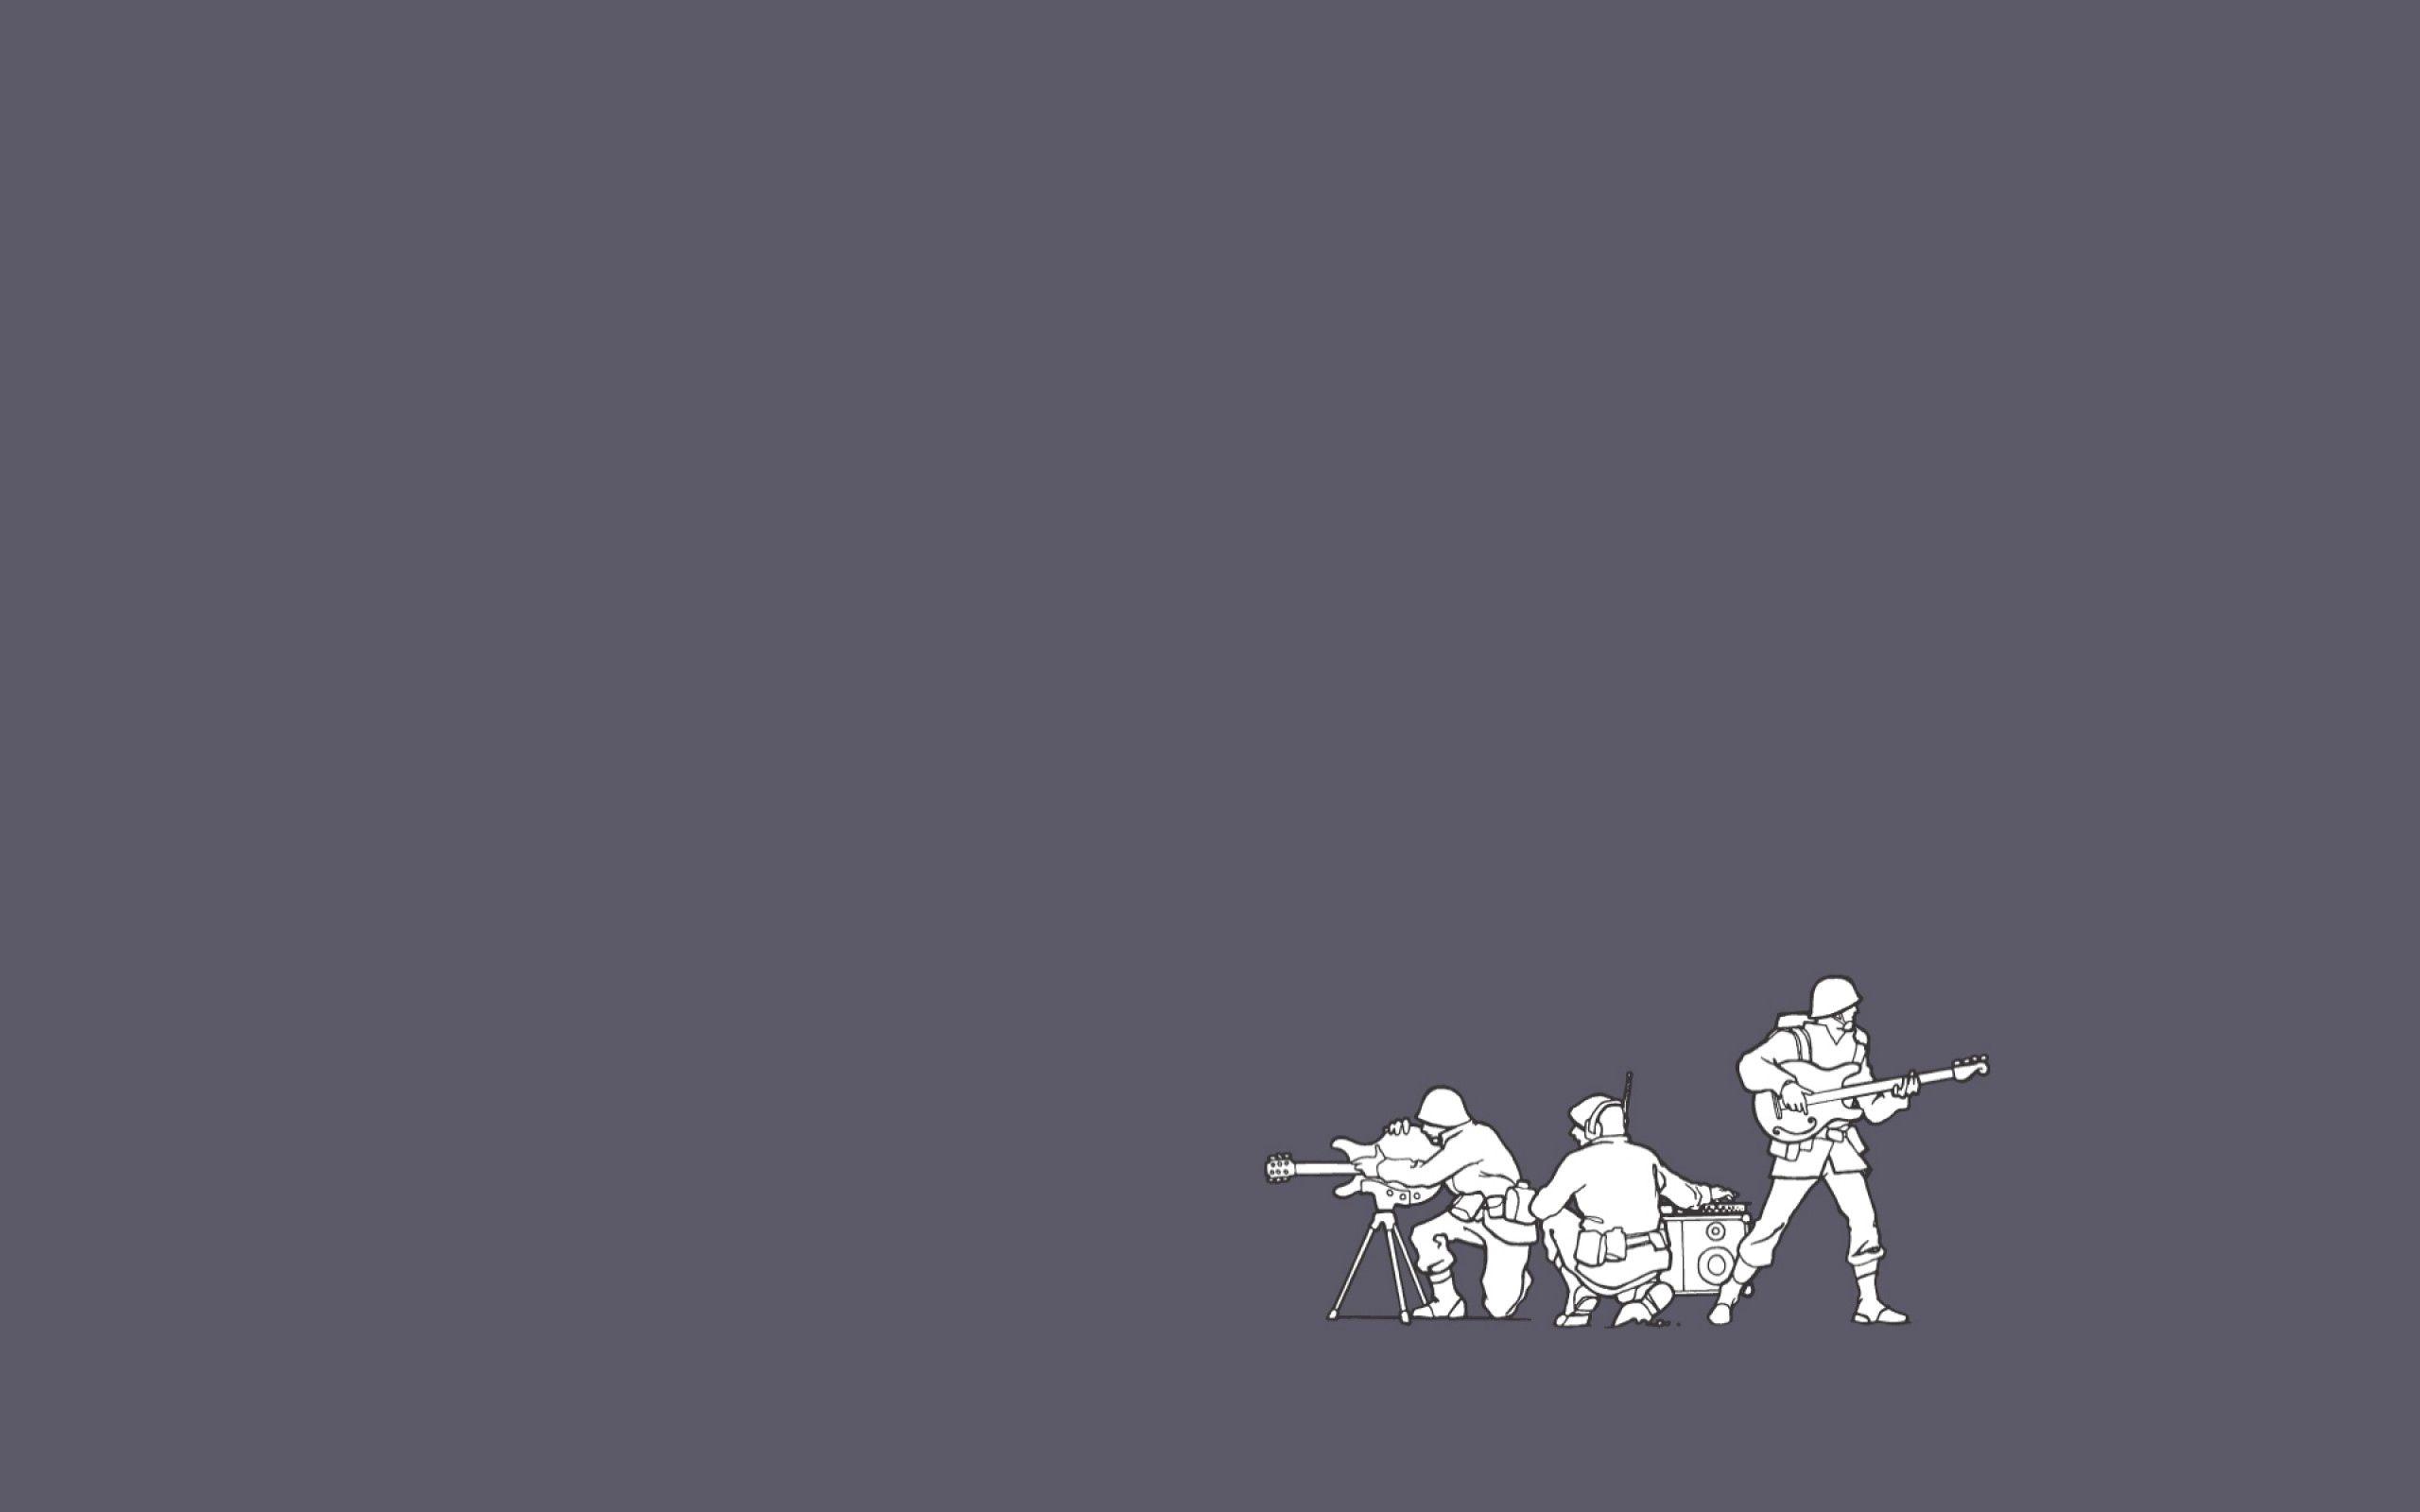 52530 Hintergrundbild herunterladen Waffe, Soldiers, Vektor, Schlacht - Bildschirmschoner und Bilder kostenlos